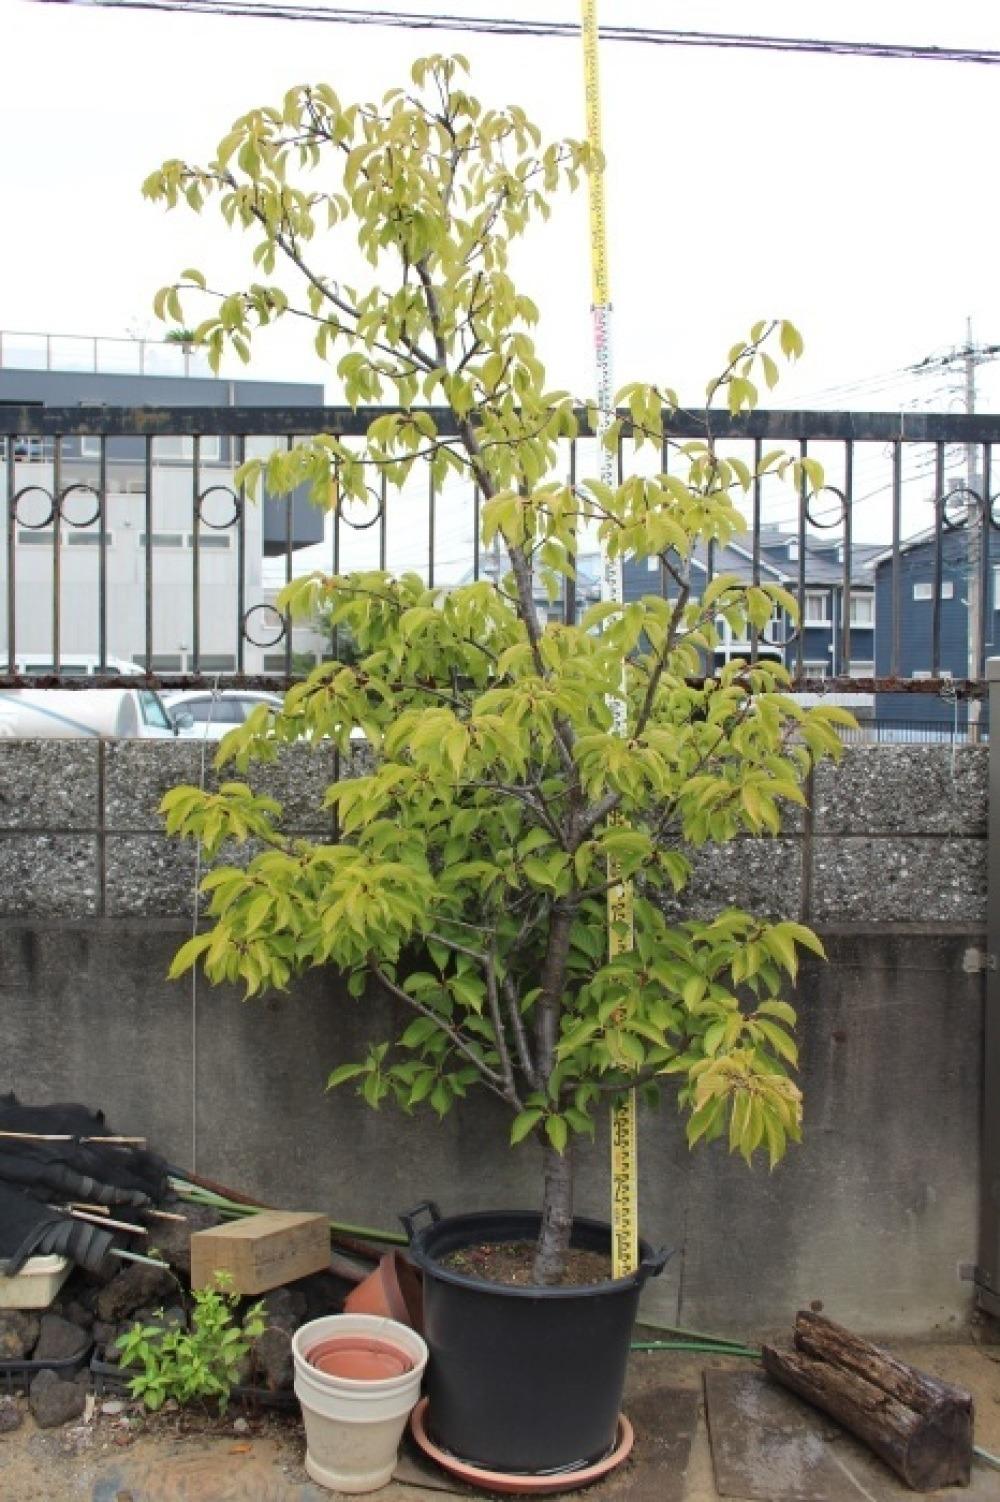 河津桜 カワヅザクラ 美品 販売 画像 写真 値段 価格 庭木 安行 植木 シンボルツリー お問い合わせ商品_a0254743_12524905.jpg